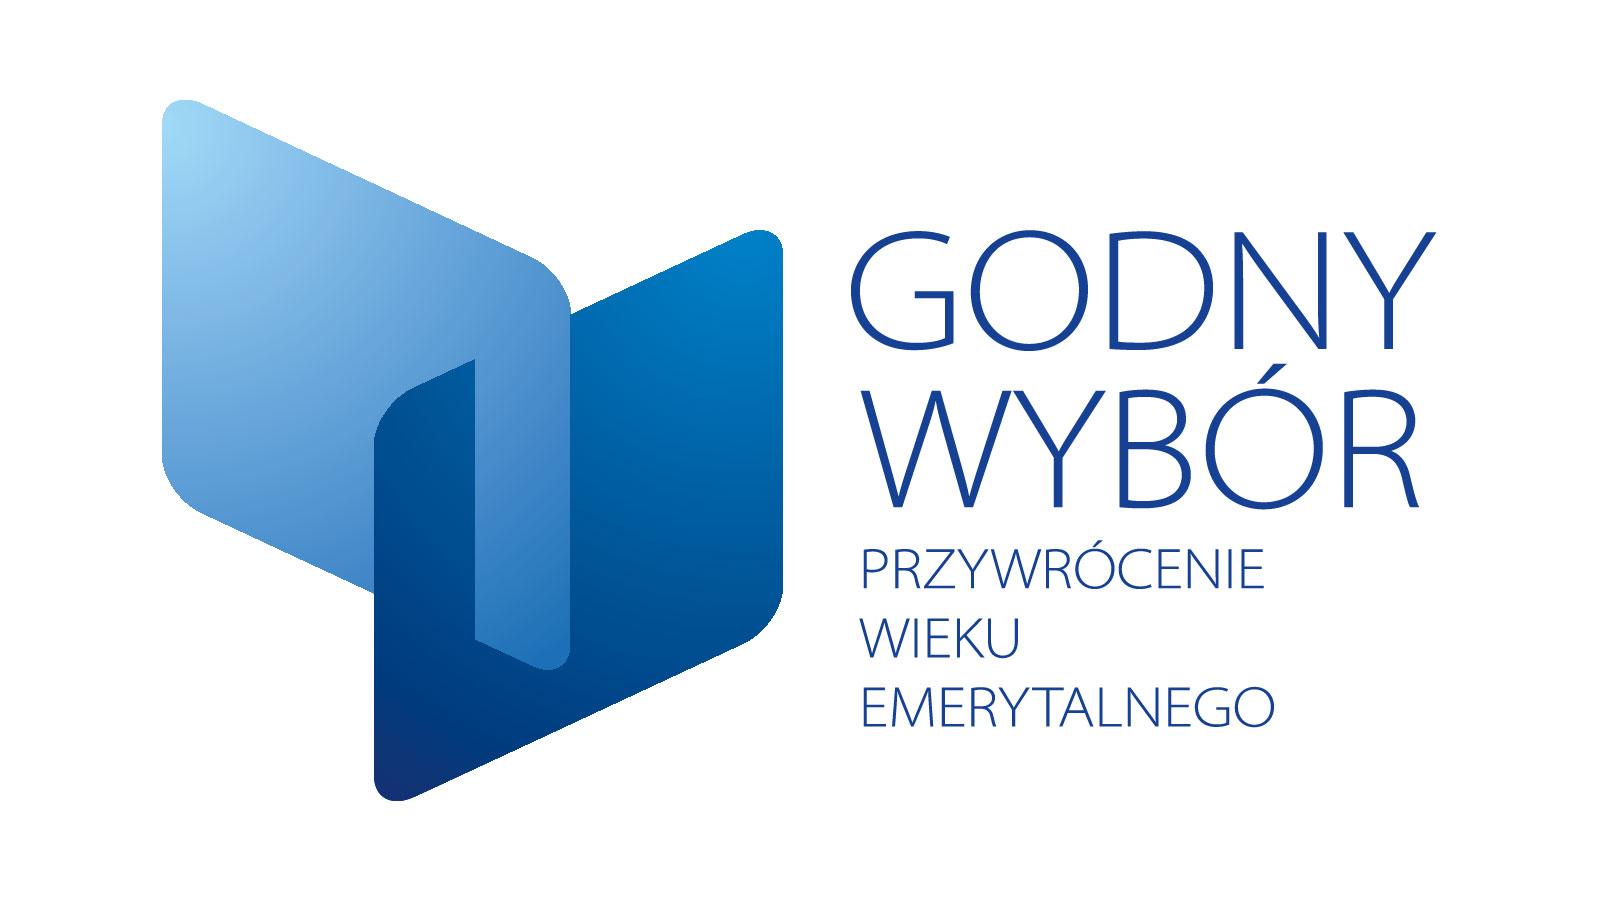 Godny_wybor